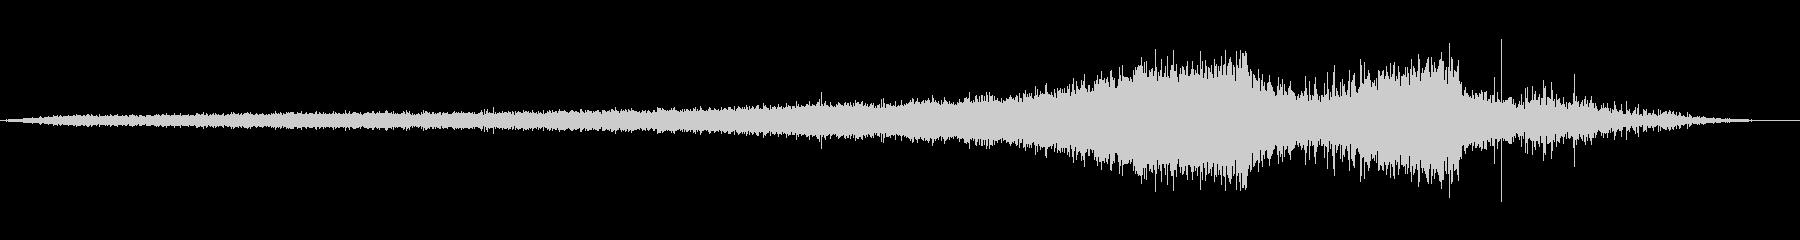 ジェットスキー:950 CC:EX...の未再生の波形